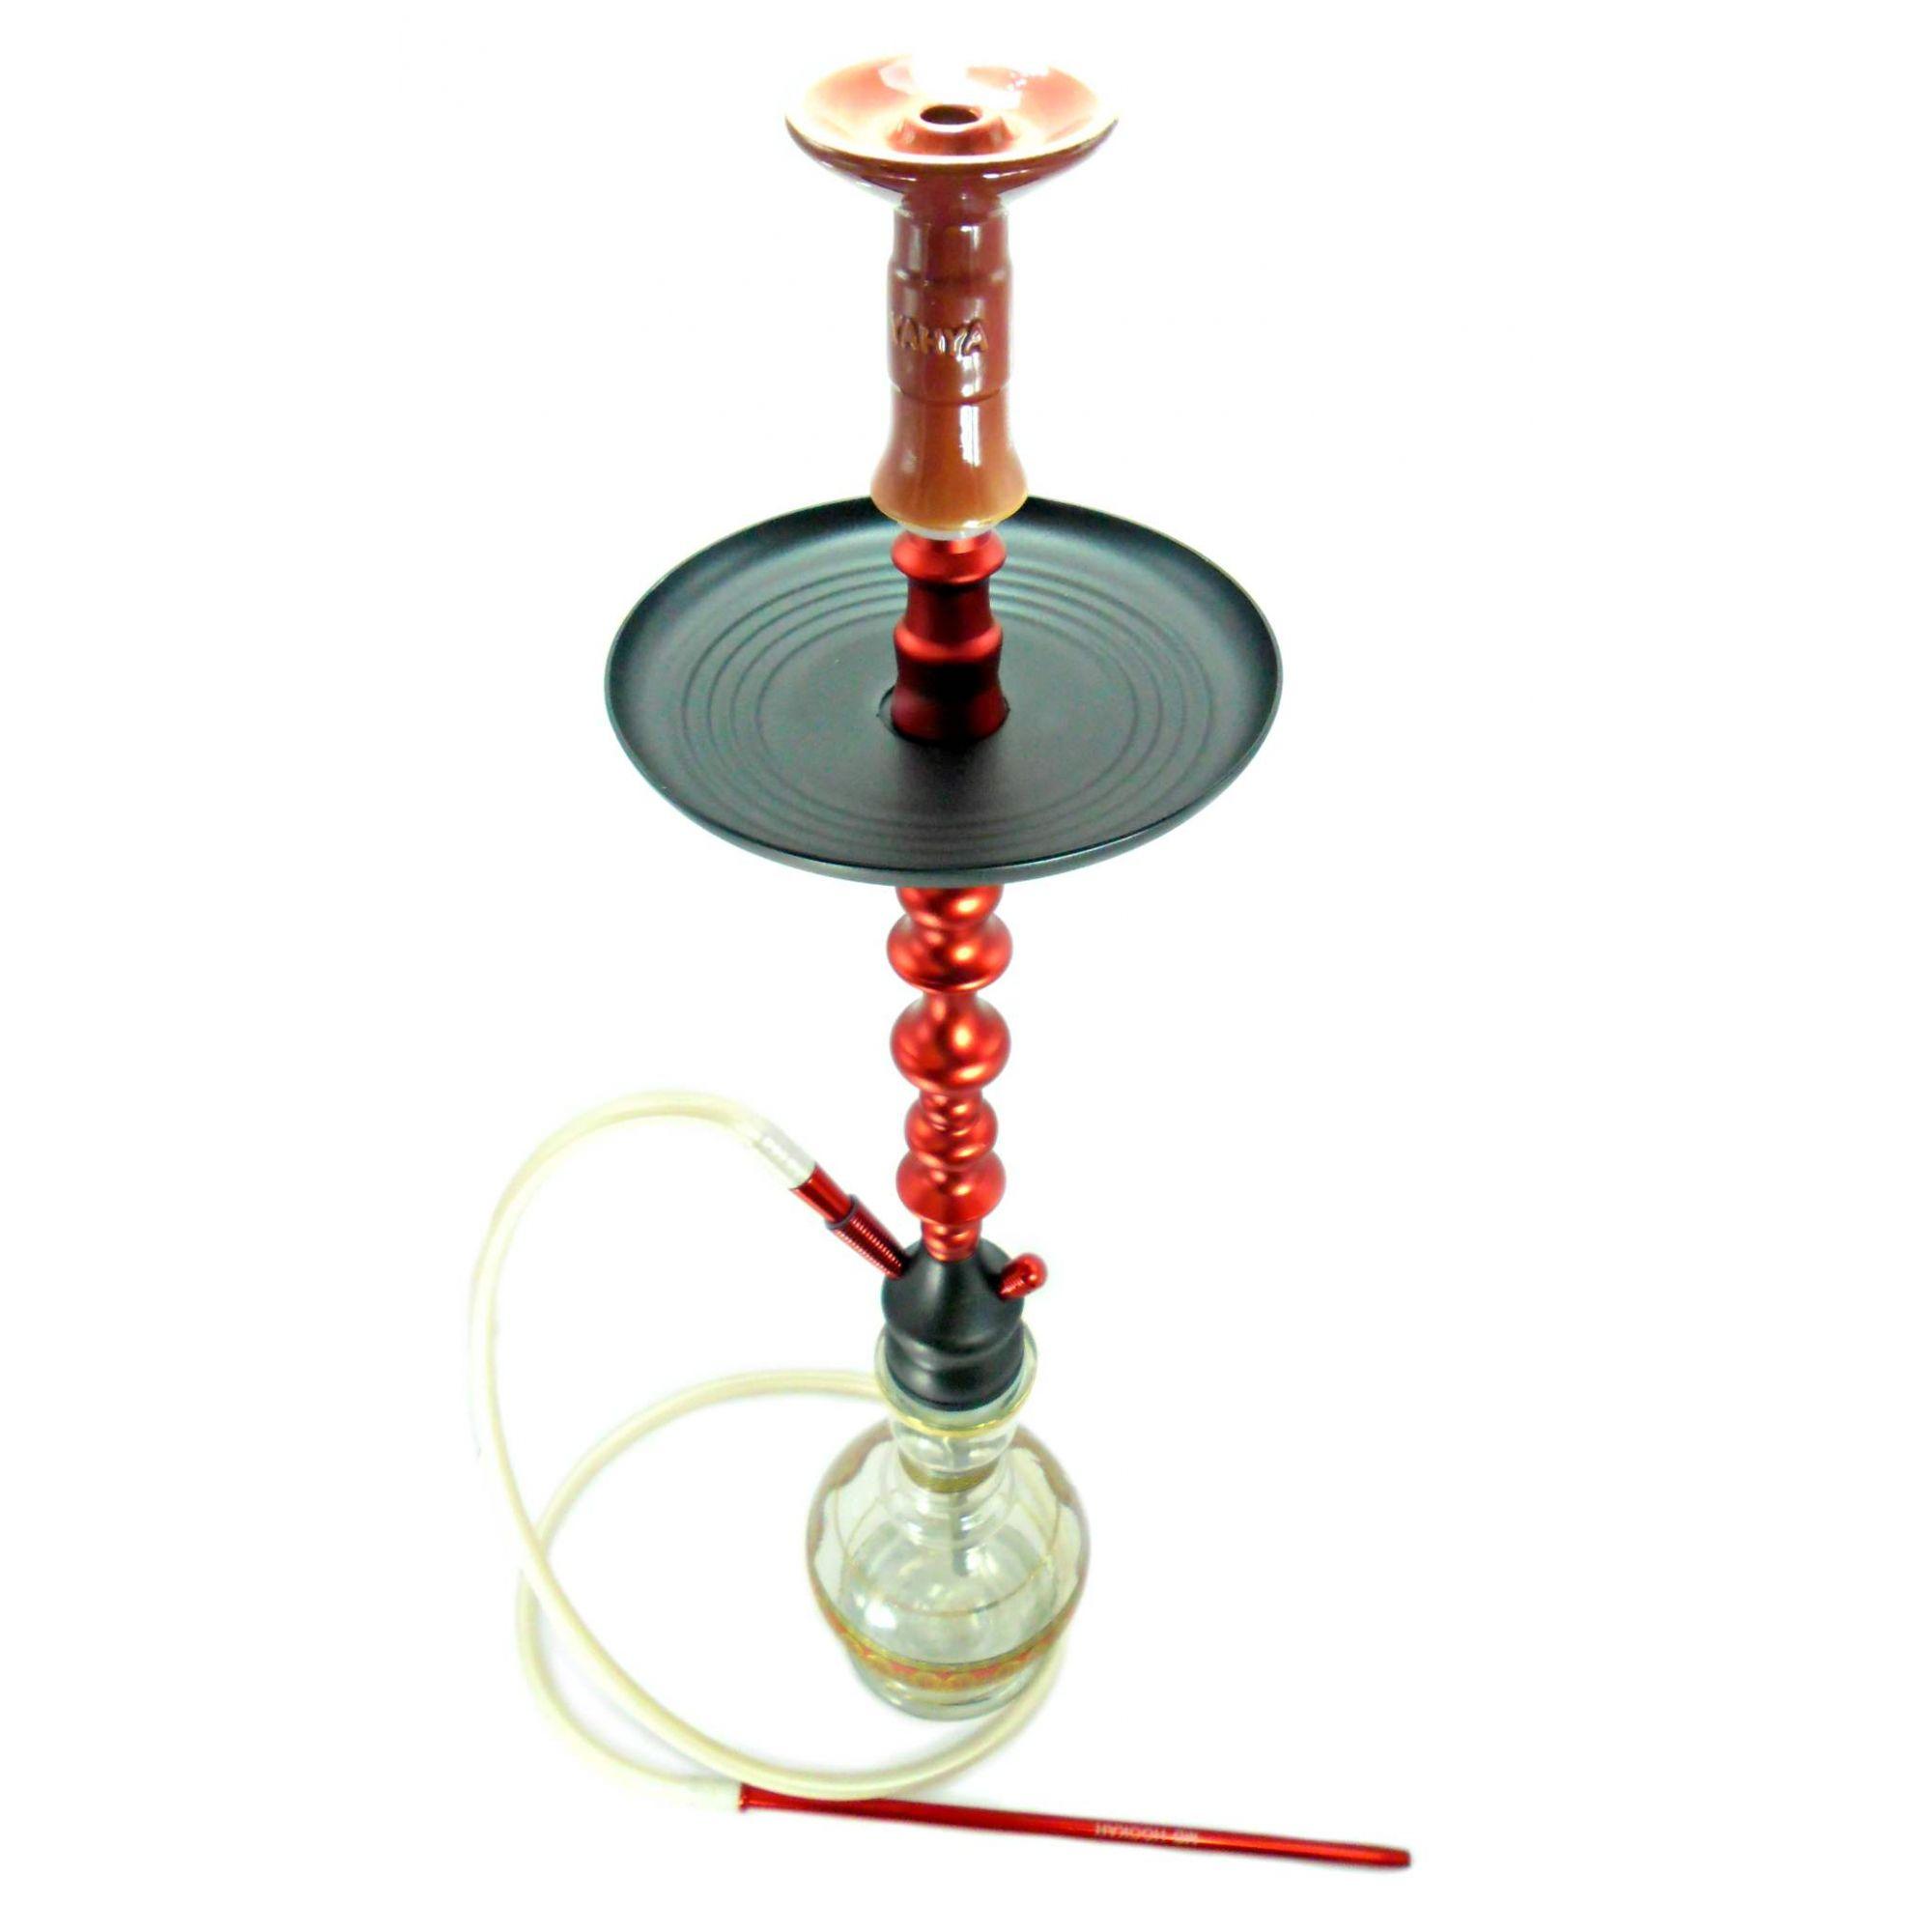 Narguile MG Hookah Vermelho em alumínio 85cm. Vaso Sino listra dour., mangueira silicone, piteira alumínio, rosh funil.